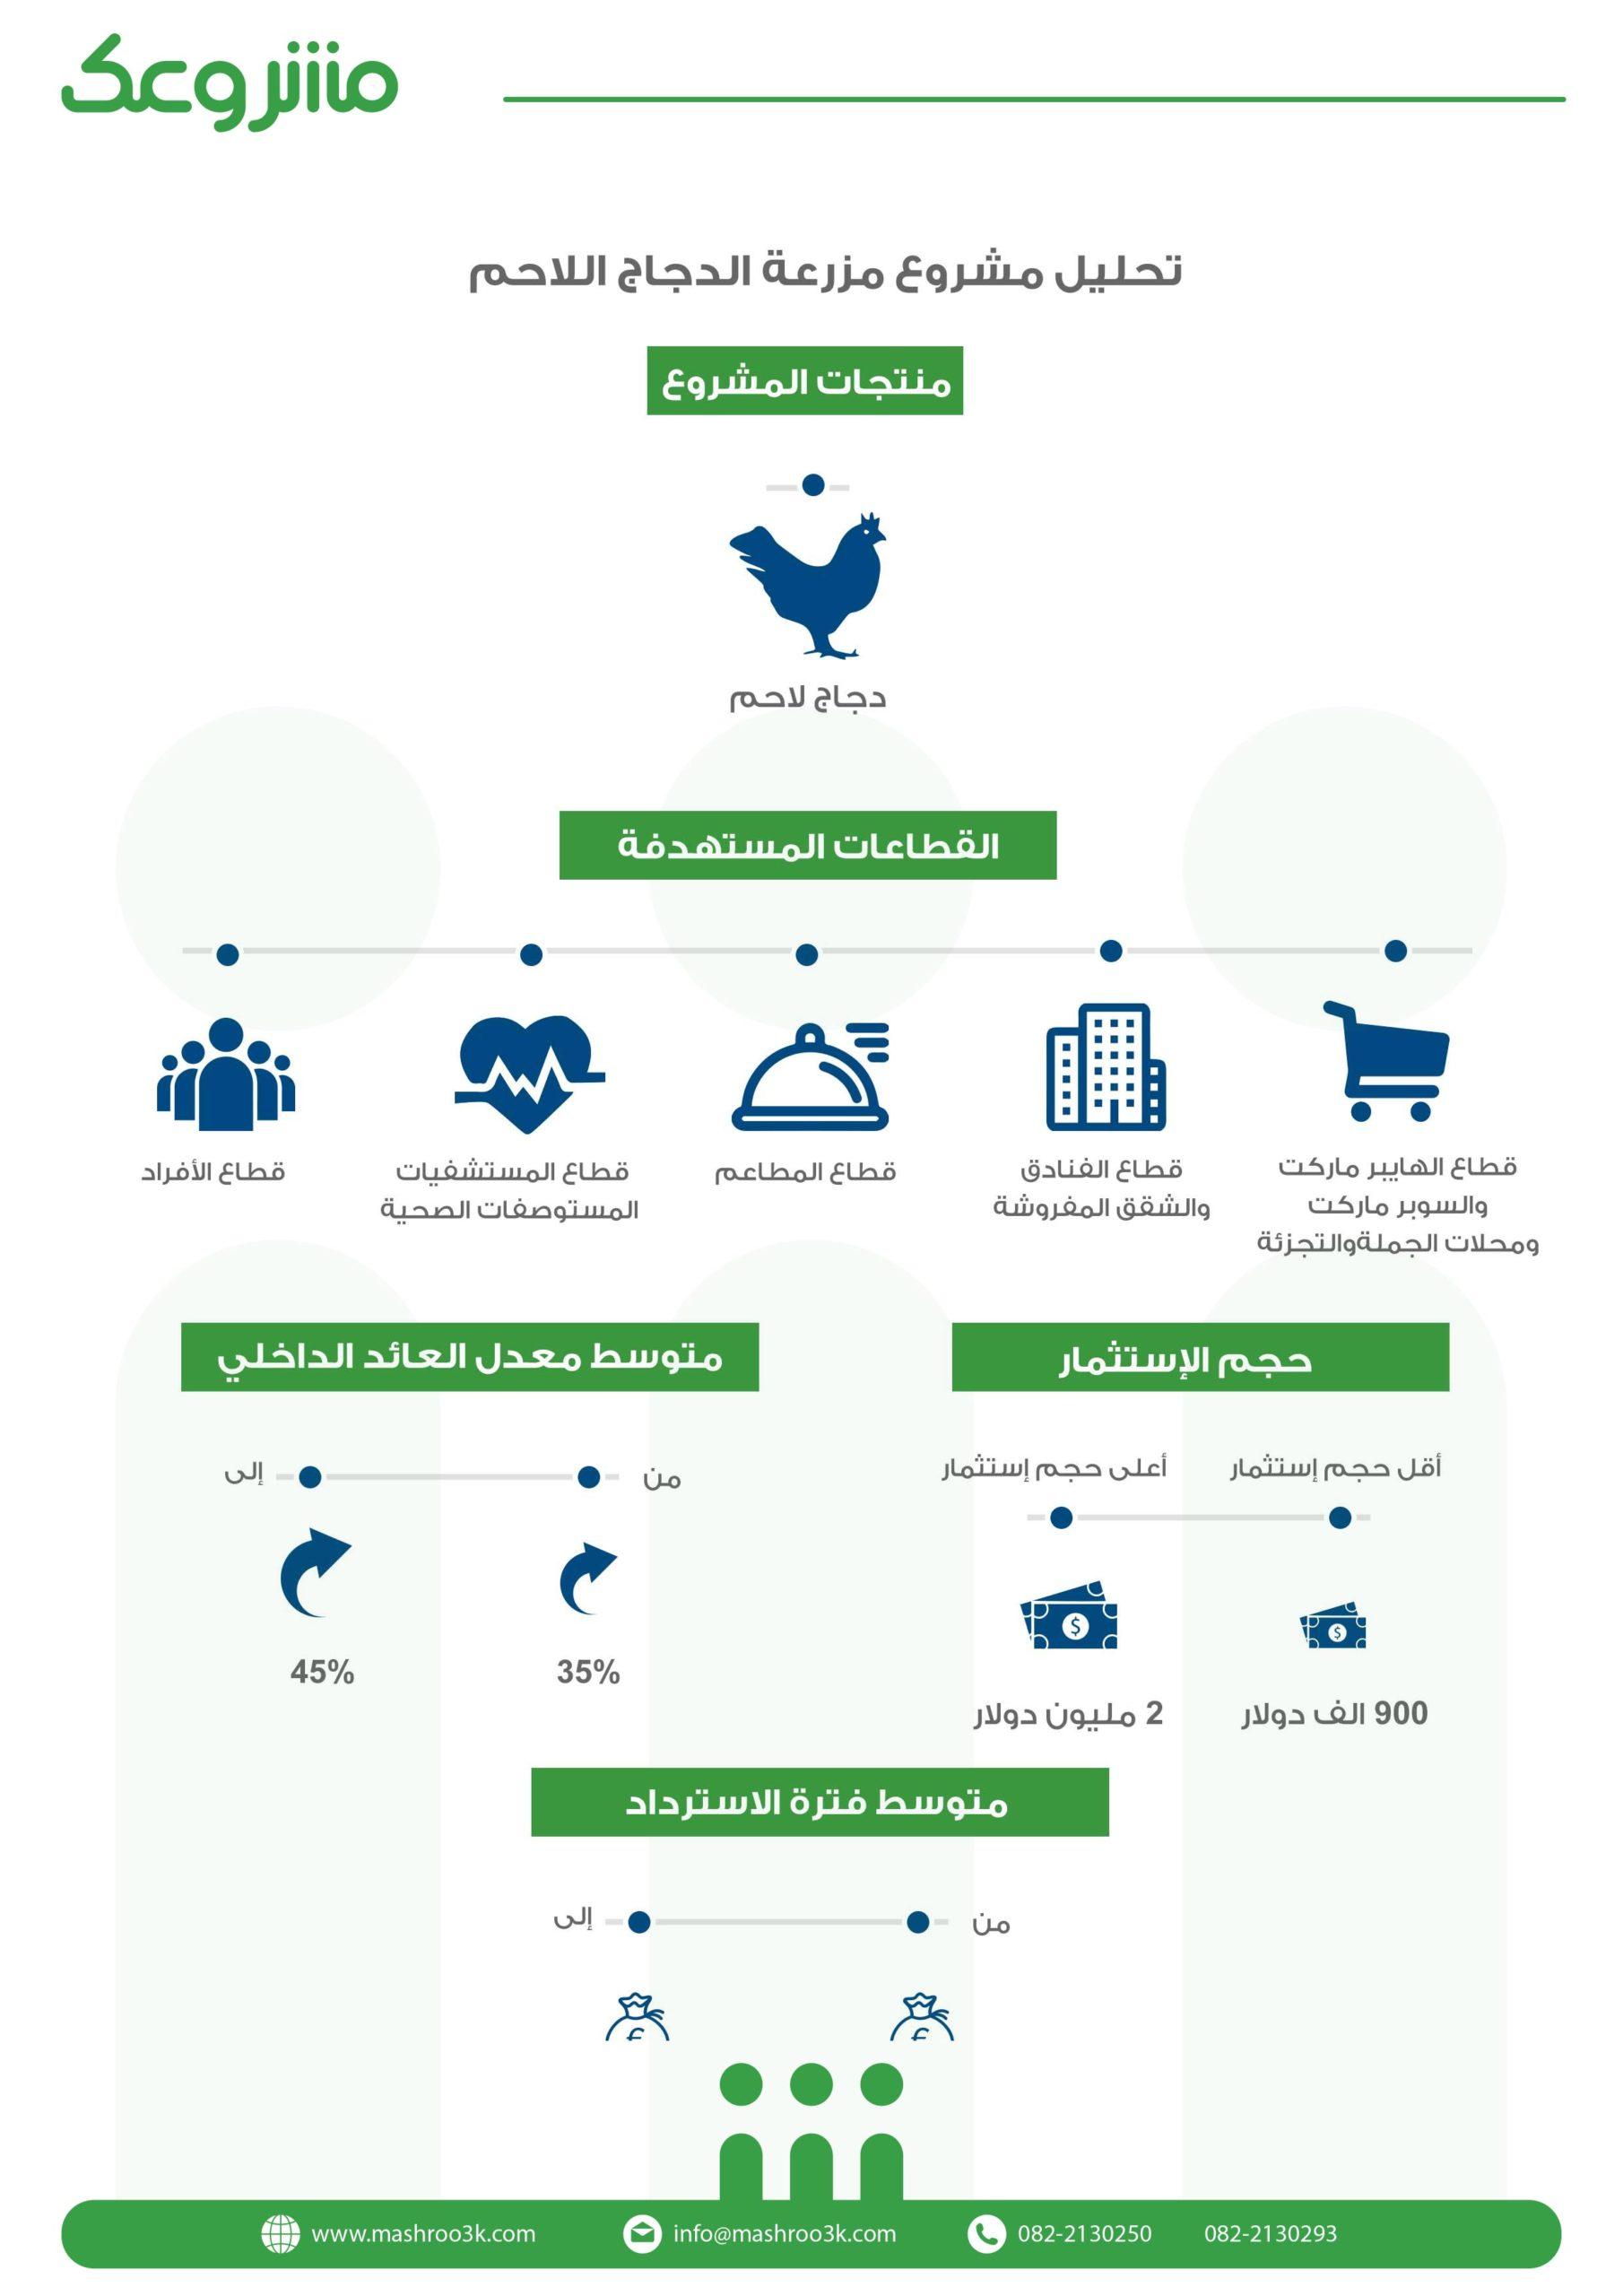 المؤشرات المالية لمشروع مزرعة دجاج لاحم